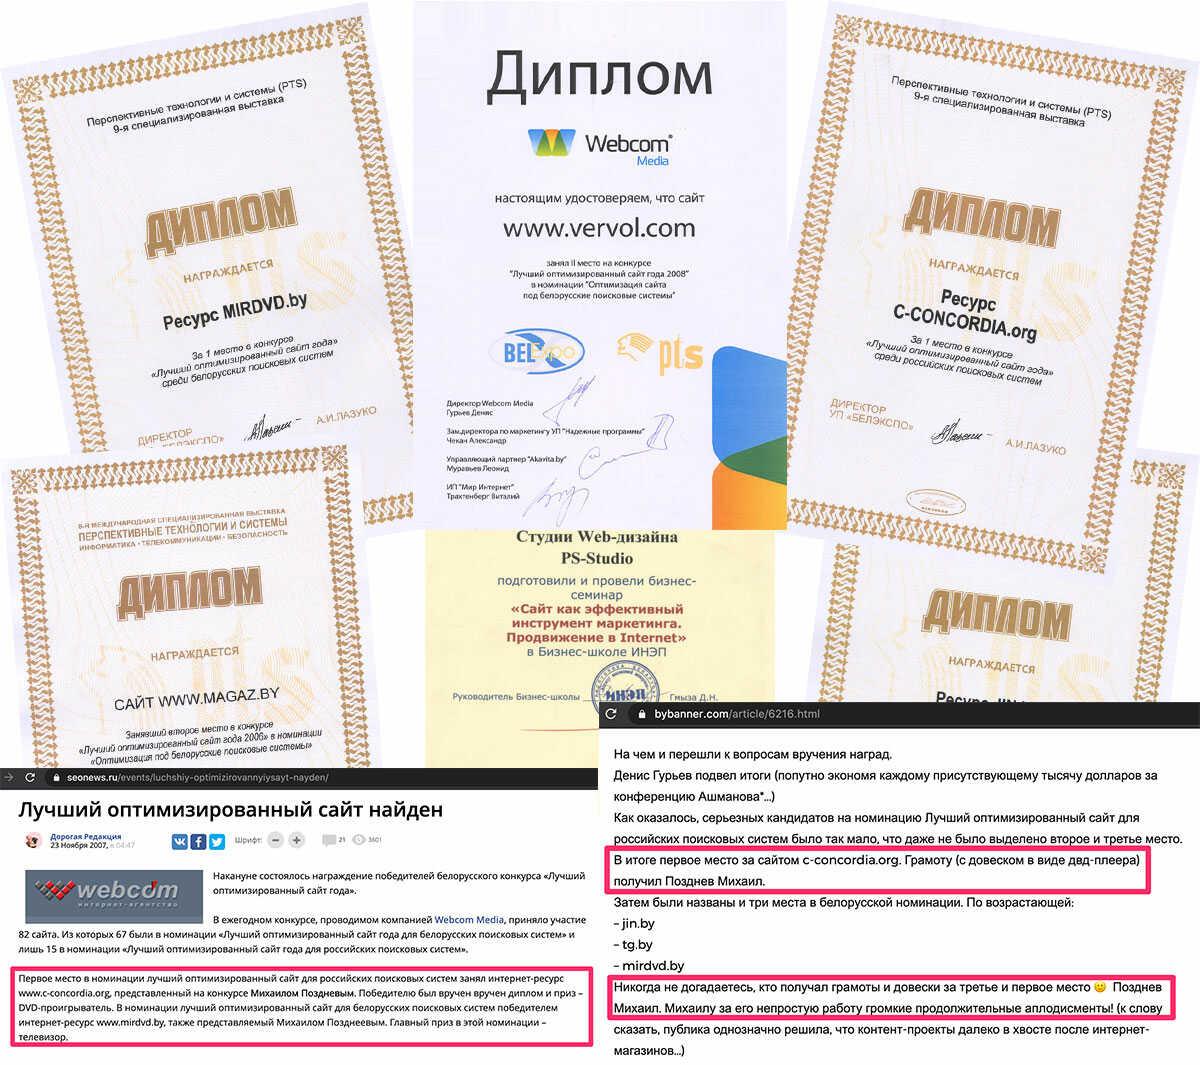 позднев награды и дипломы